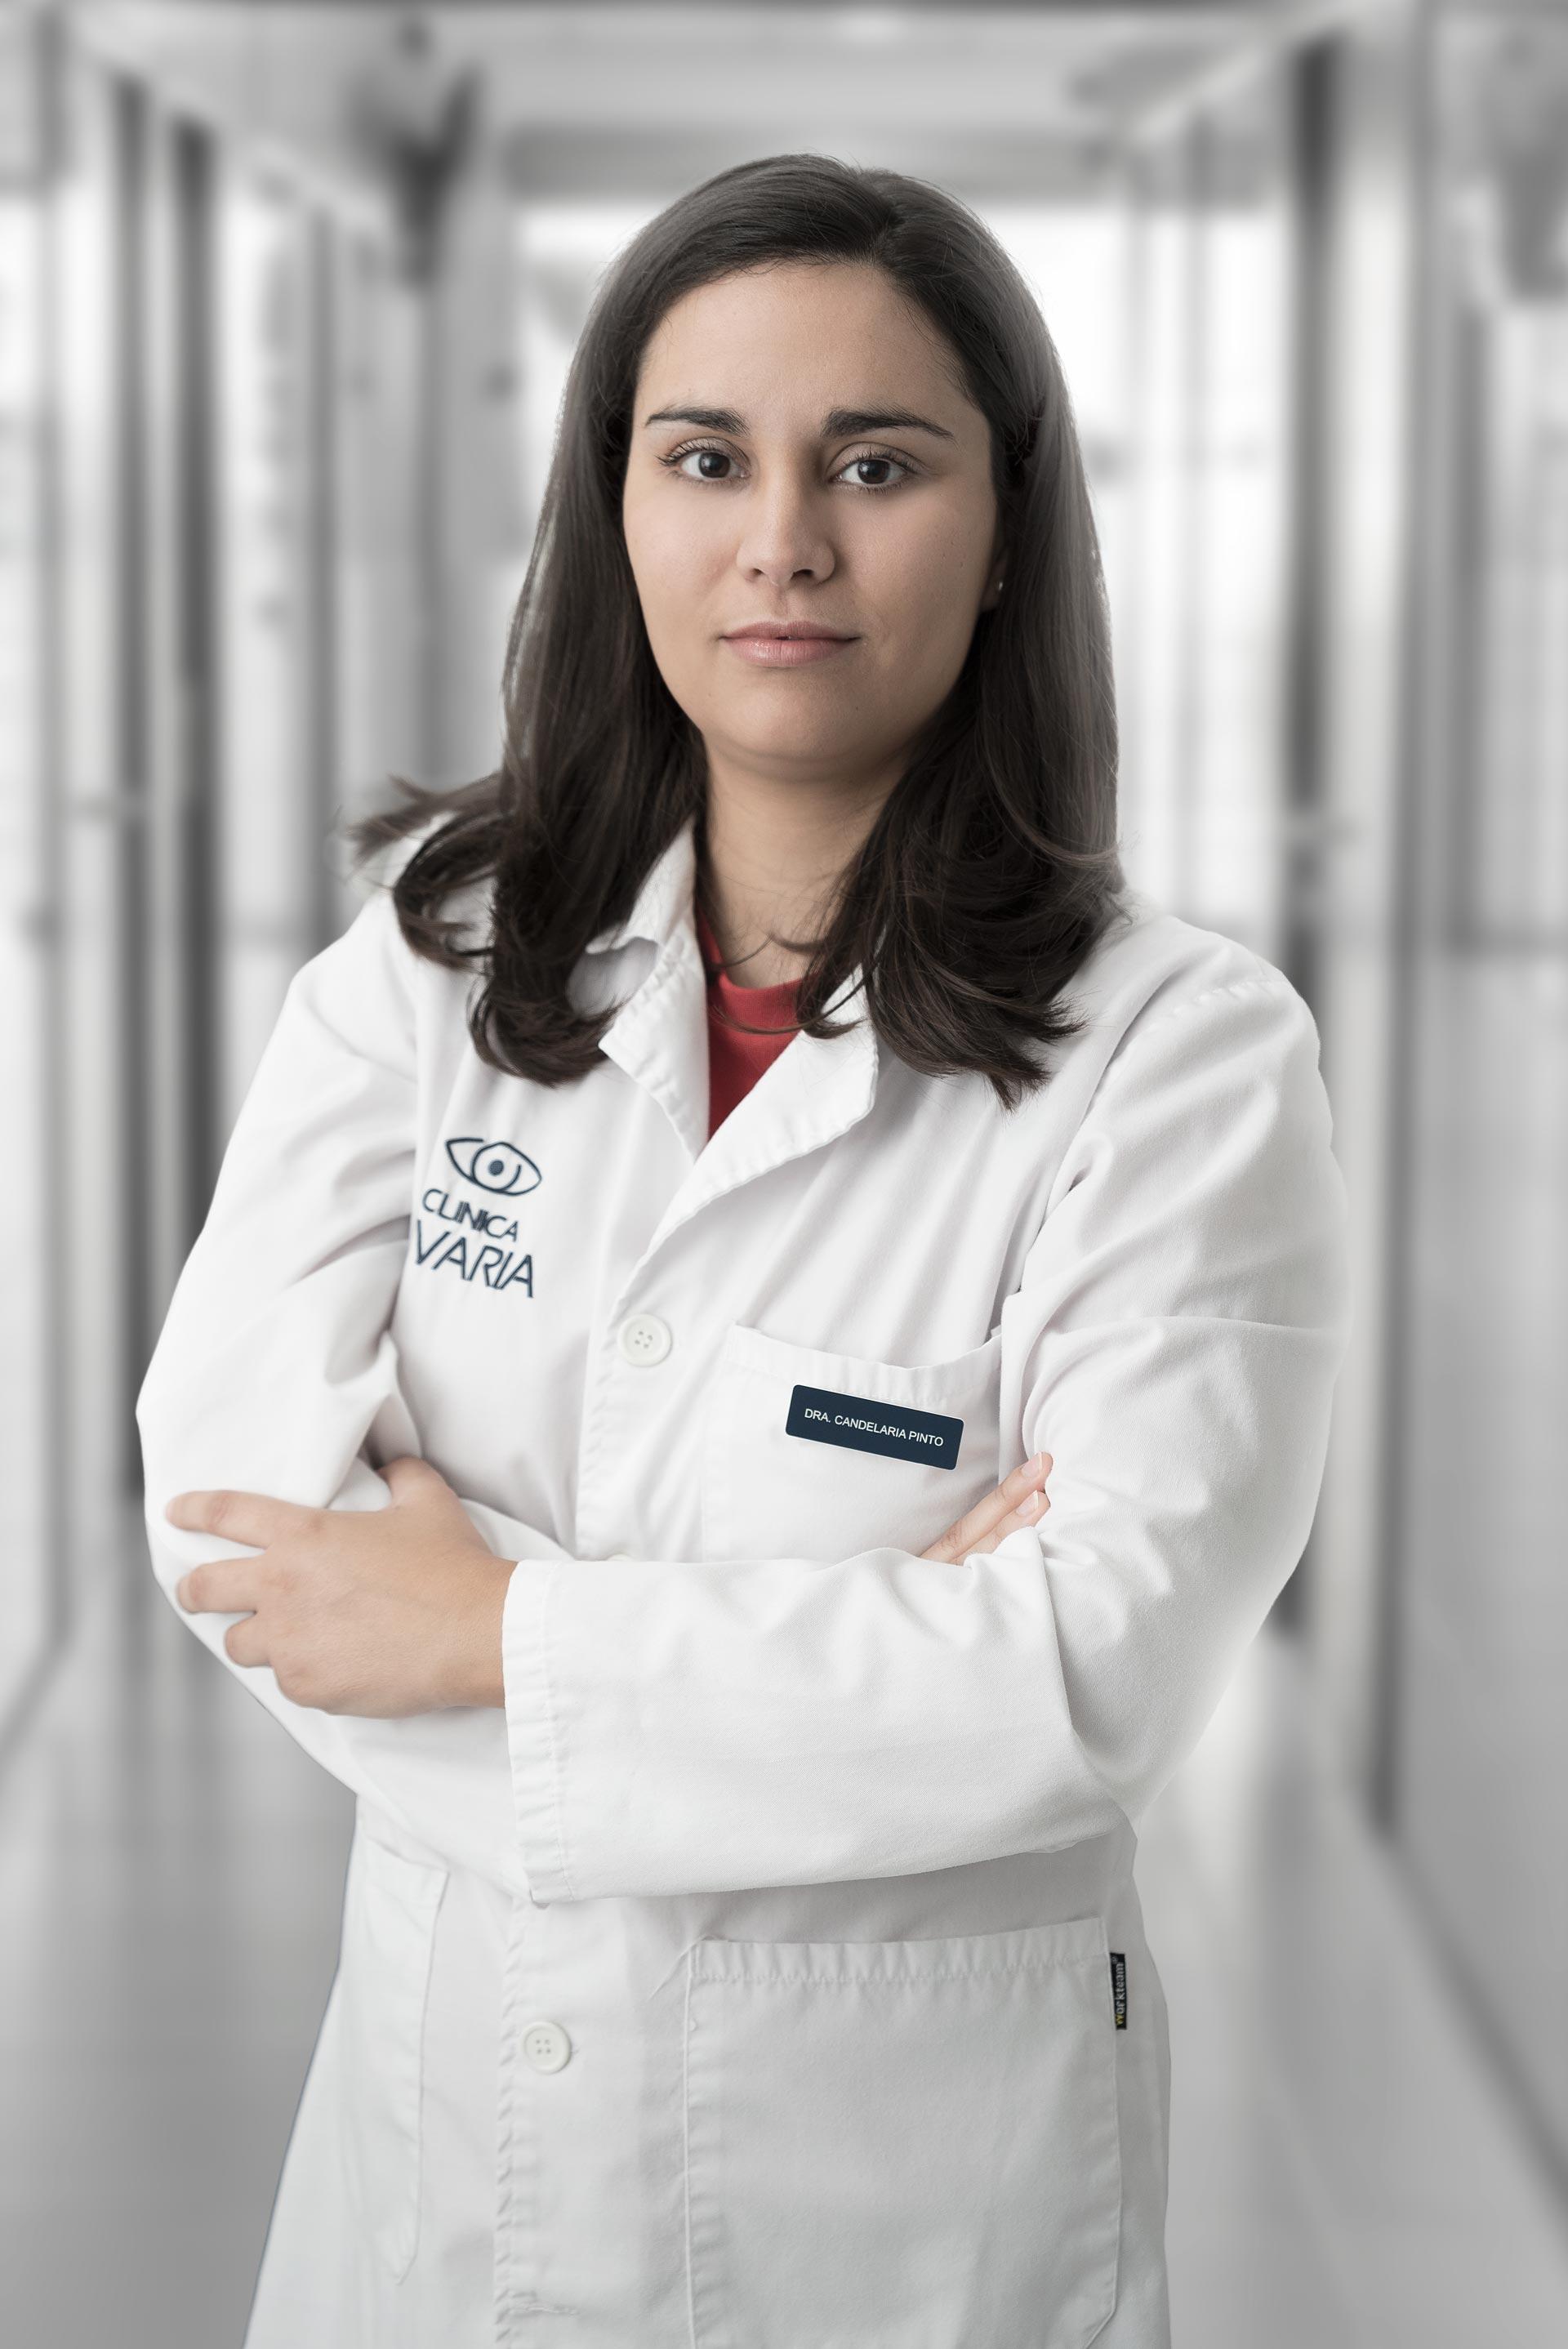 Dra. Candelaria Pinto